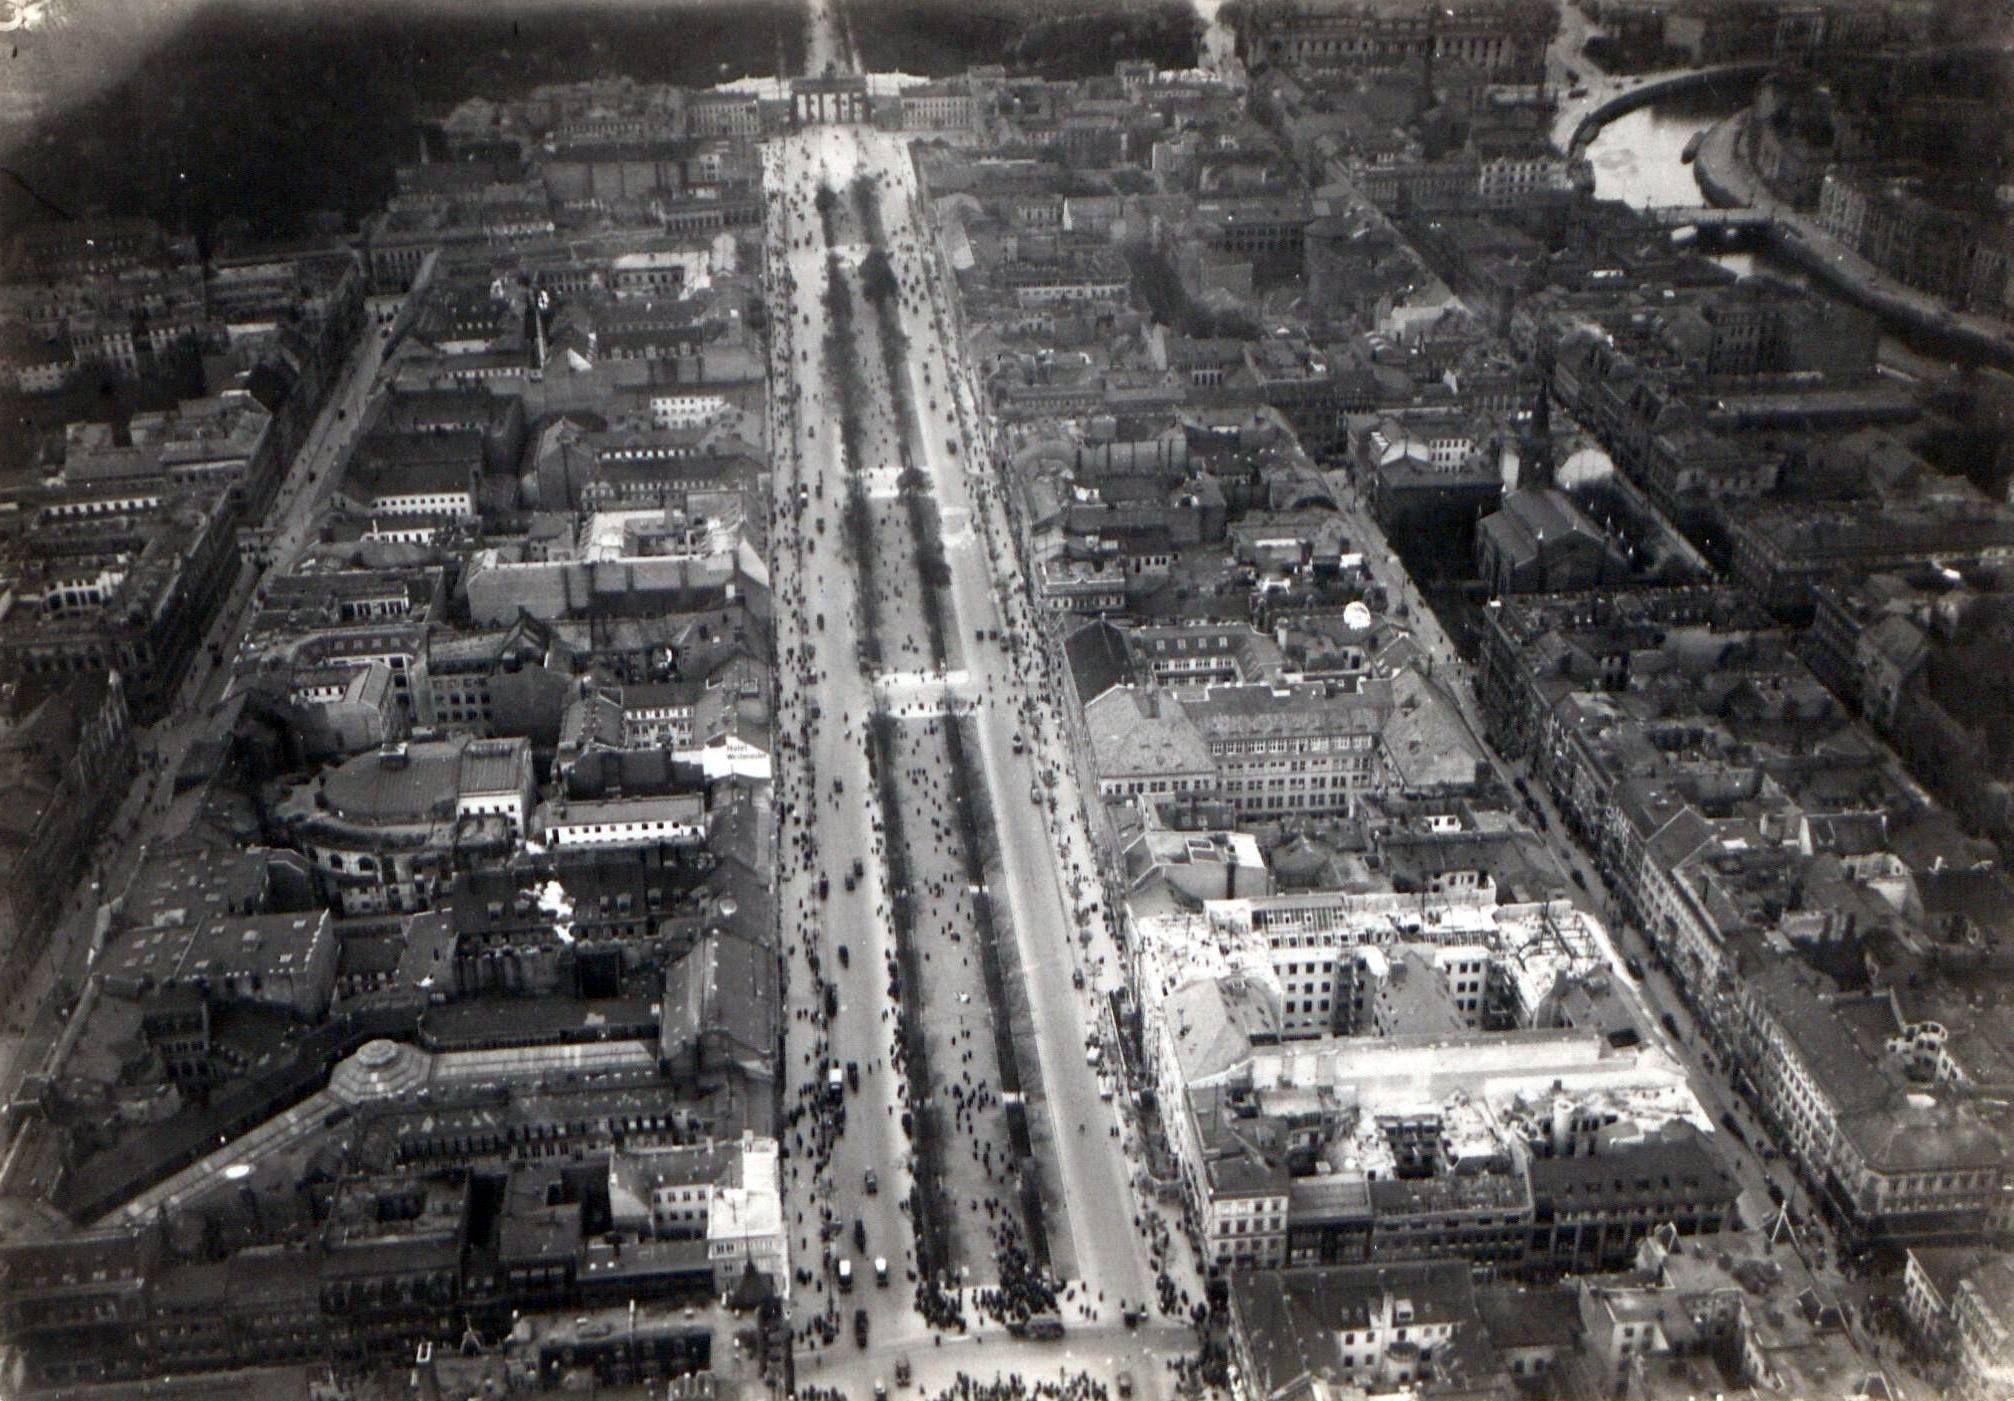 1913 Luftaufnahme Mitte Luftaufnahme Unter Den Linden Und Umgebung Bis Brandenburger Tor Aero Lloyd Luftbild Gmbh New York Skyline Aerial Photo